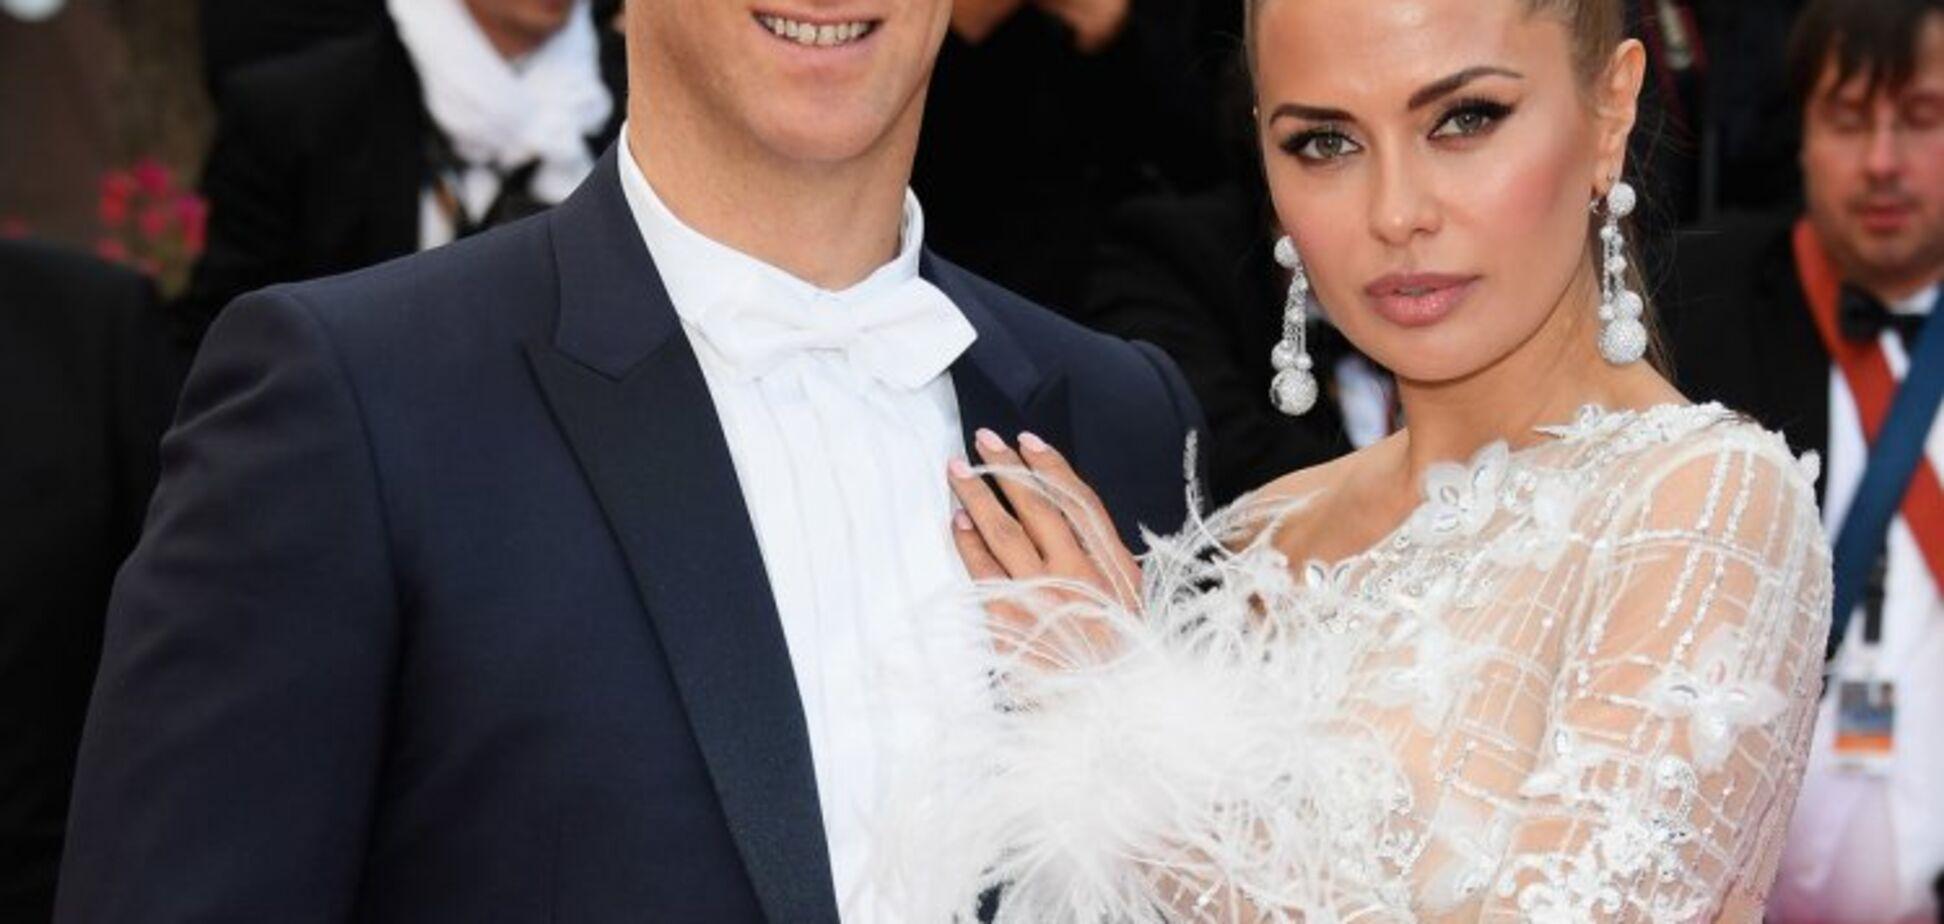 Заплатили $500 000: российская суперзвезда рассказала, как заработала в эскорте